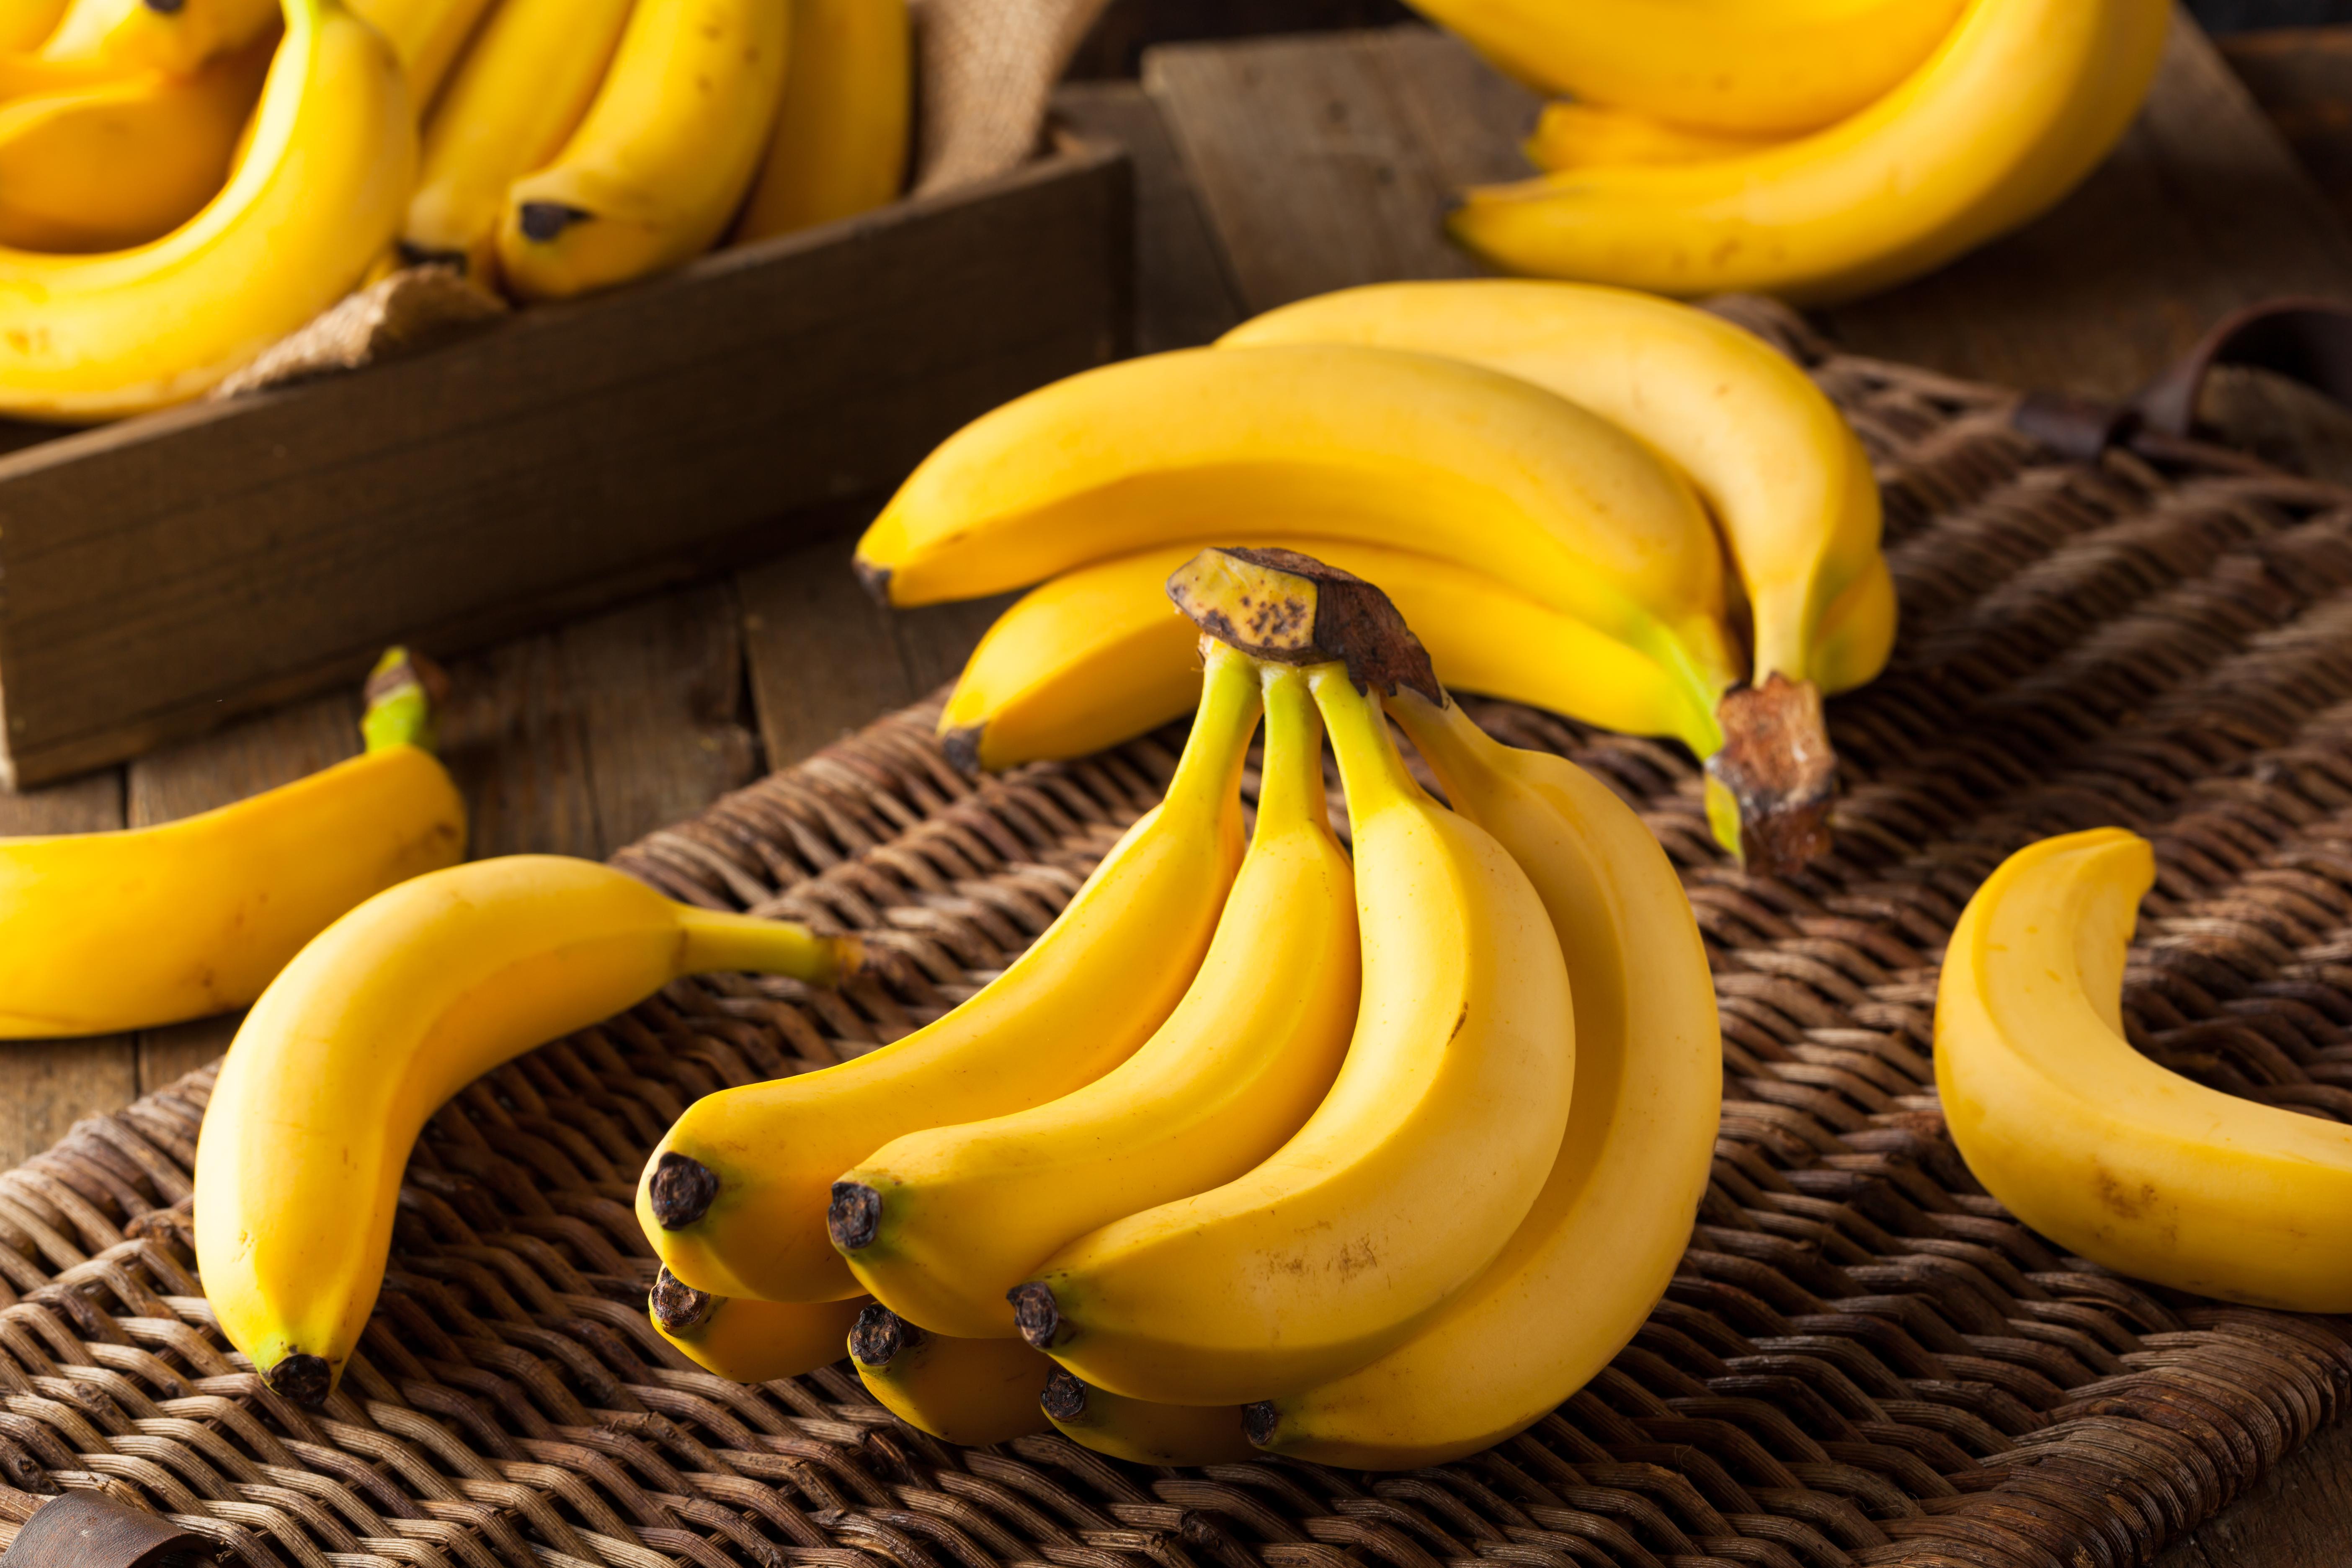 <p><strong>1. Банани</strong></p>  <p>Бананитe са една от най-добрите храни за енергия. Те са отличен източник на сложни въглехидрати, калий и витамин В6.</p>